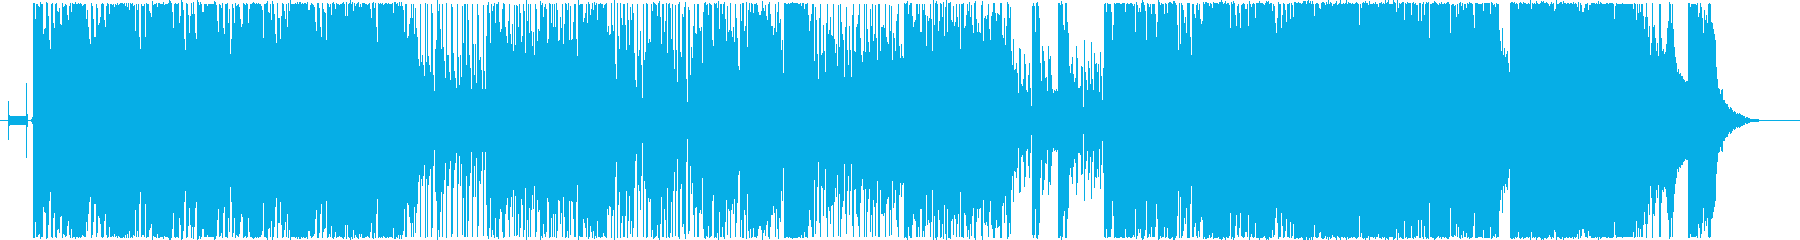 無農薬ファンクの再生済みの波形